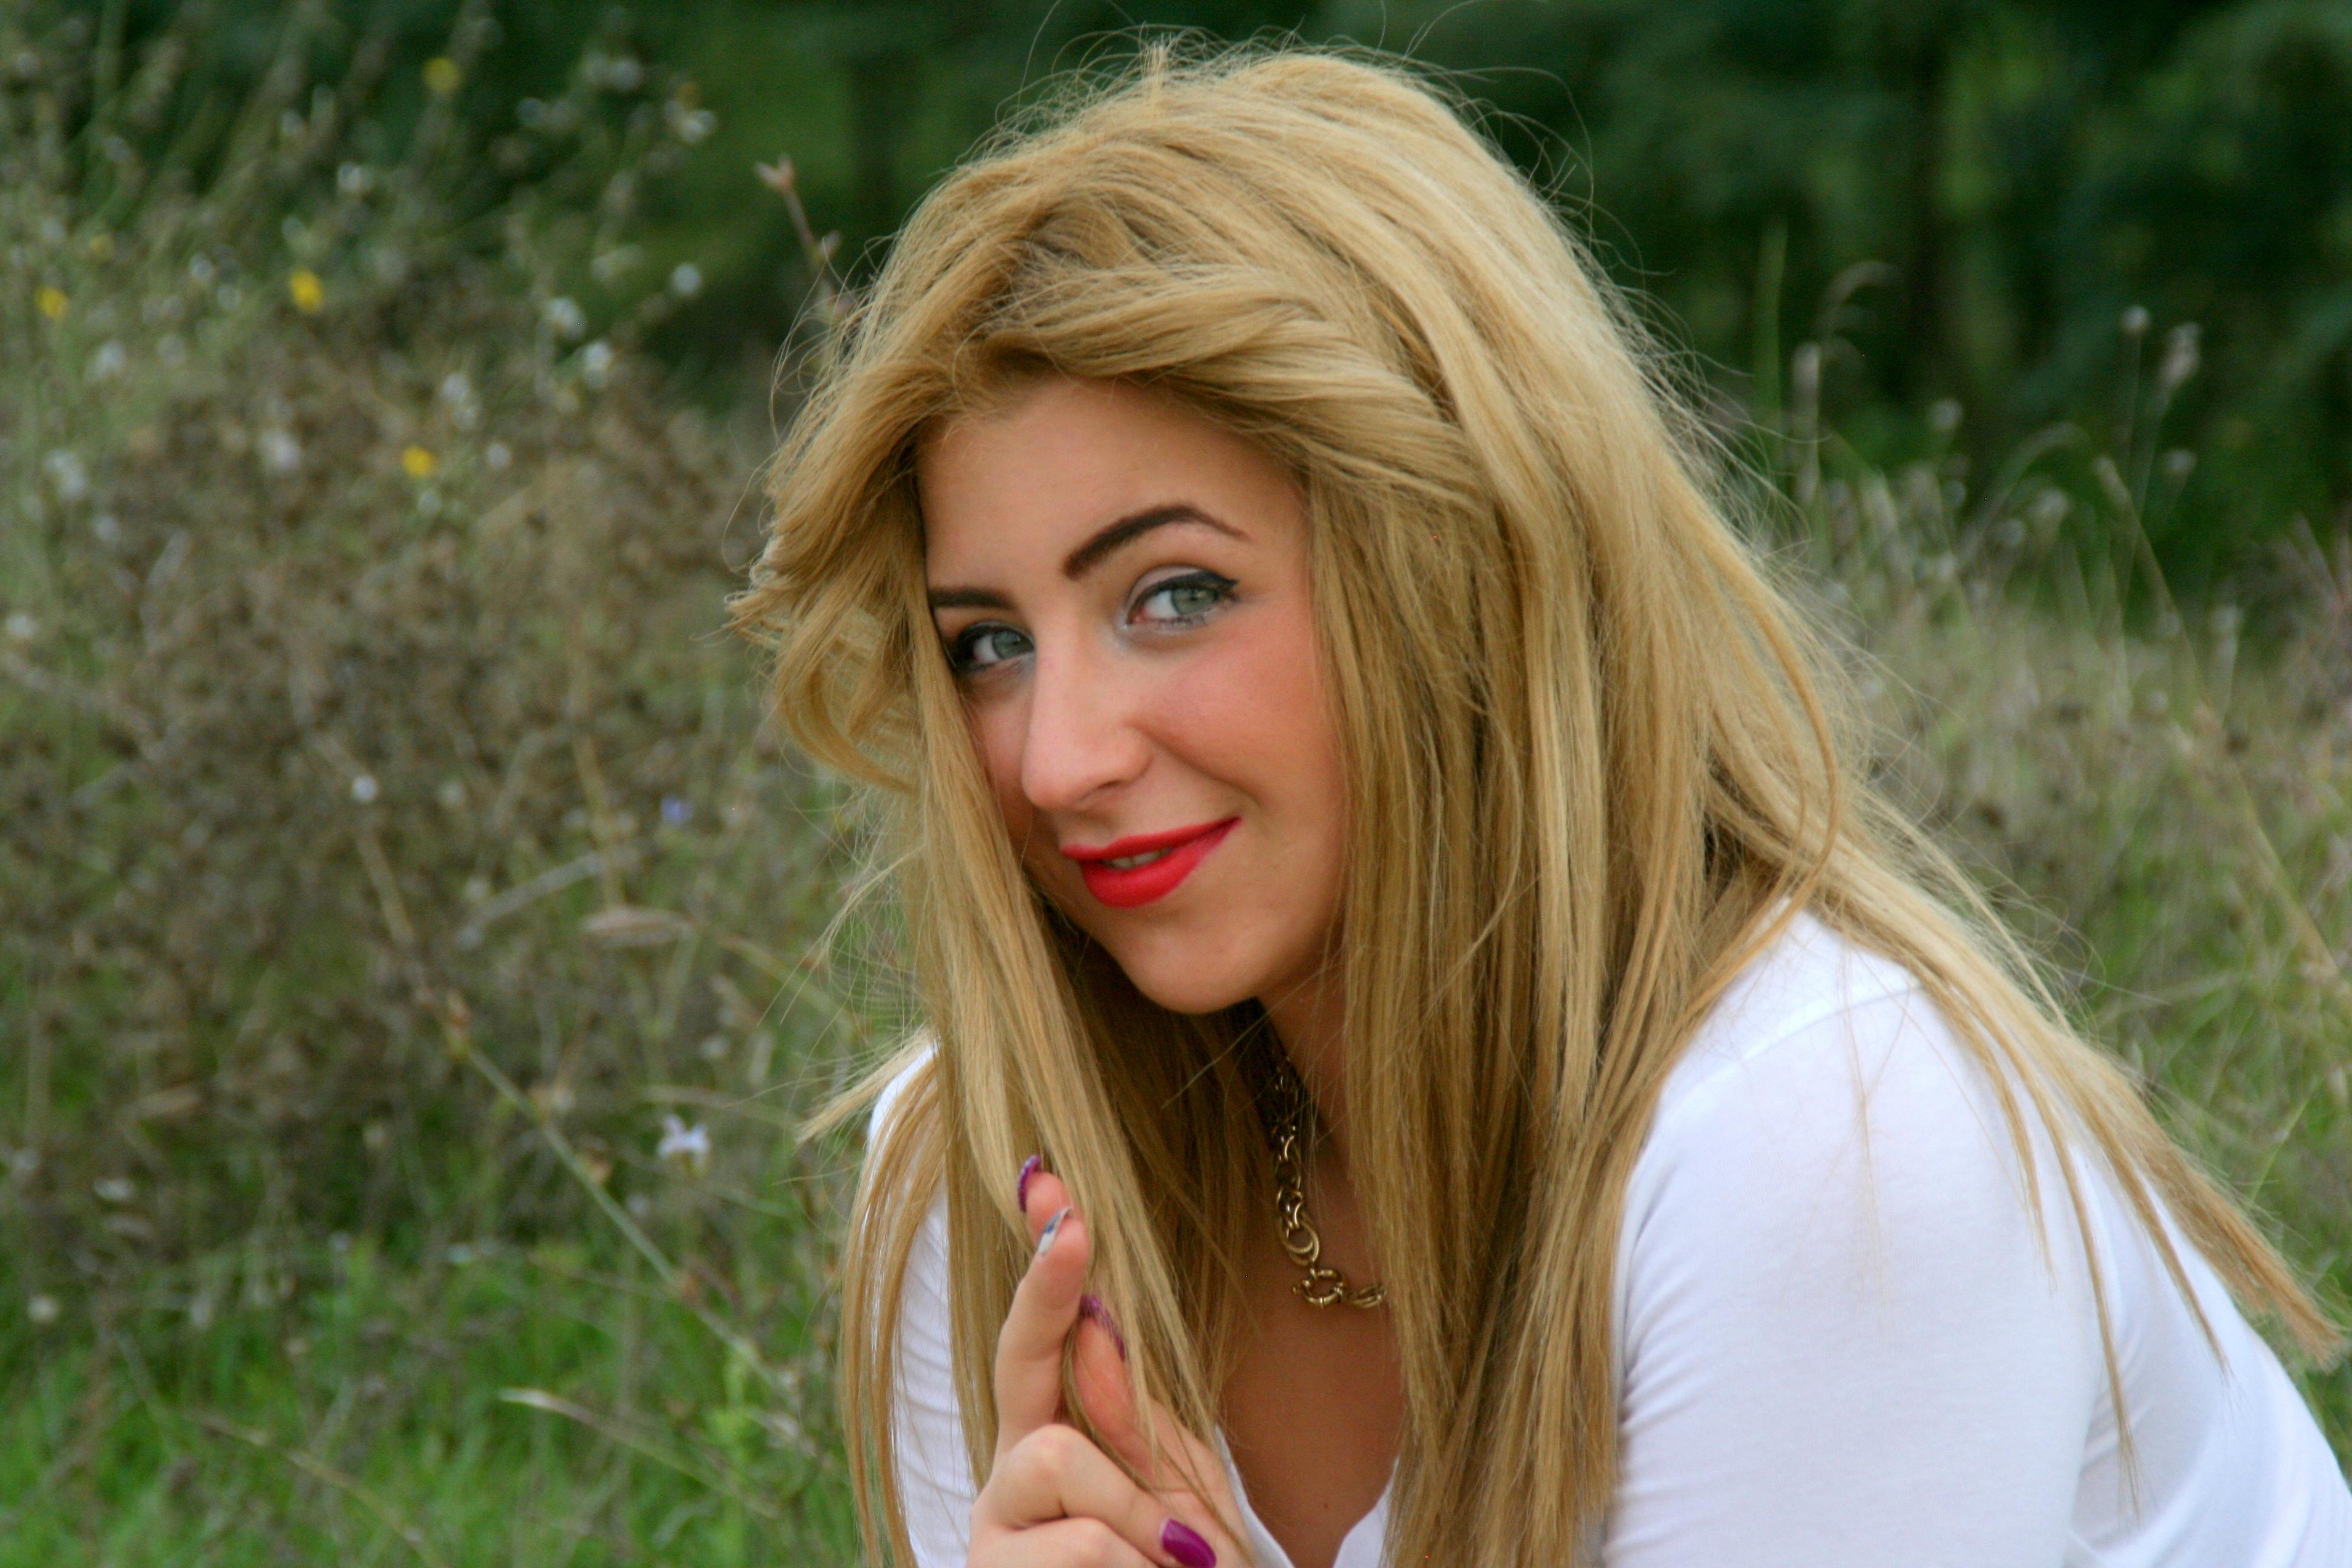 Yeşil gözlüler için saç rengi seçimi